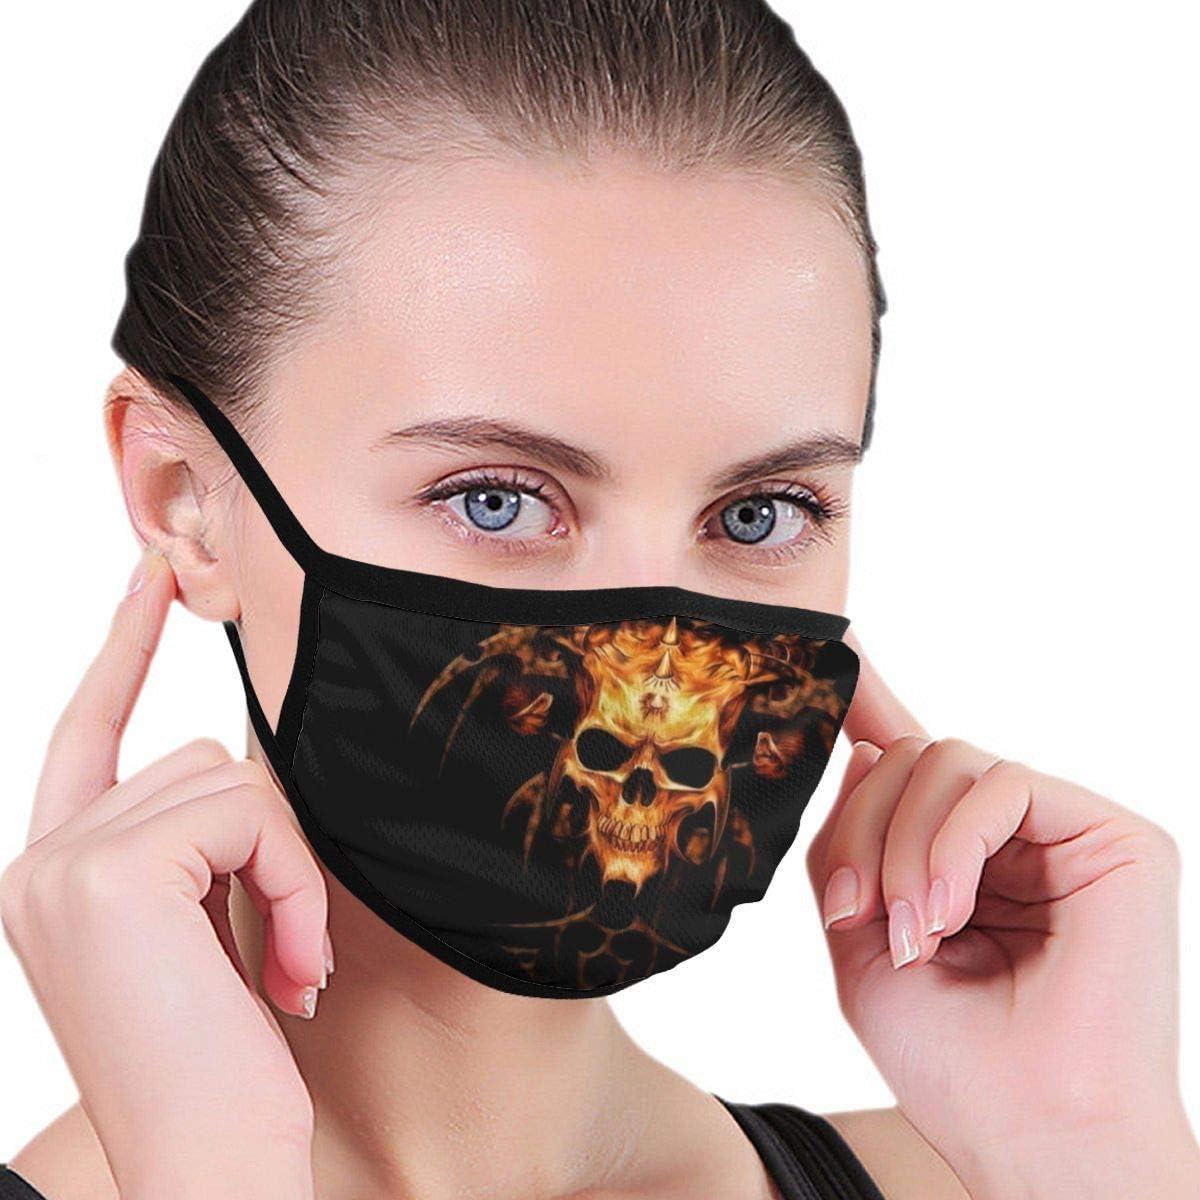 huibe Flame Heavy Metal Skull Mujeres Hombres Face Cover Protecci/ón al Aire Libre contra el Polvo y el Viento